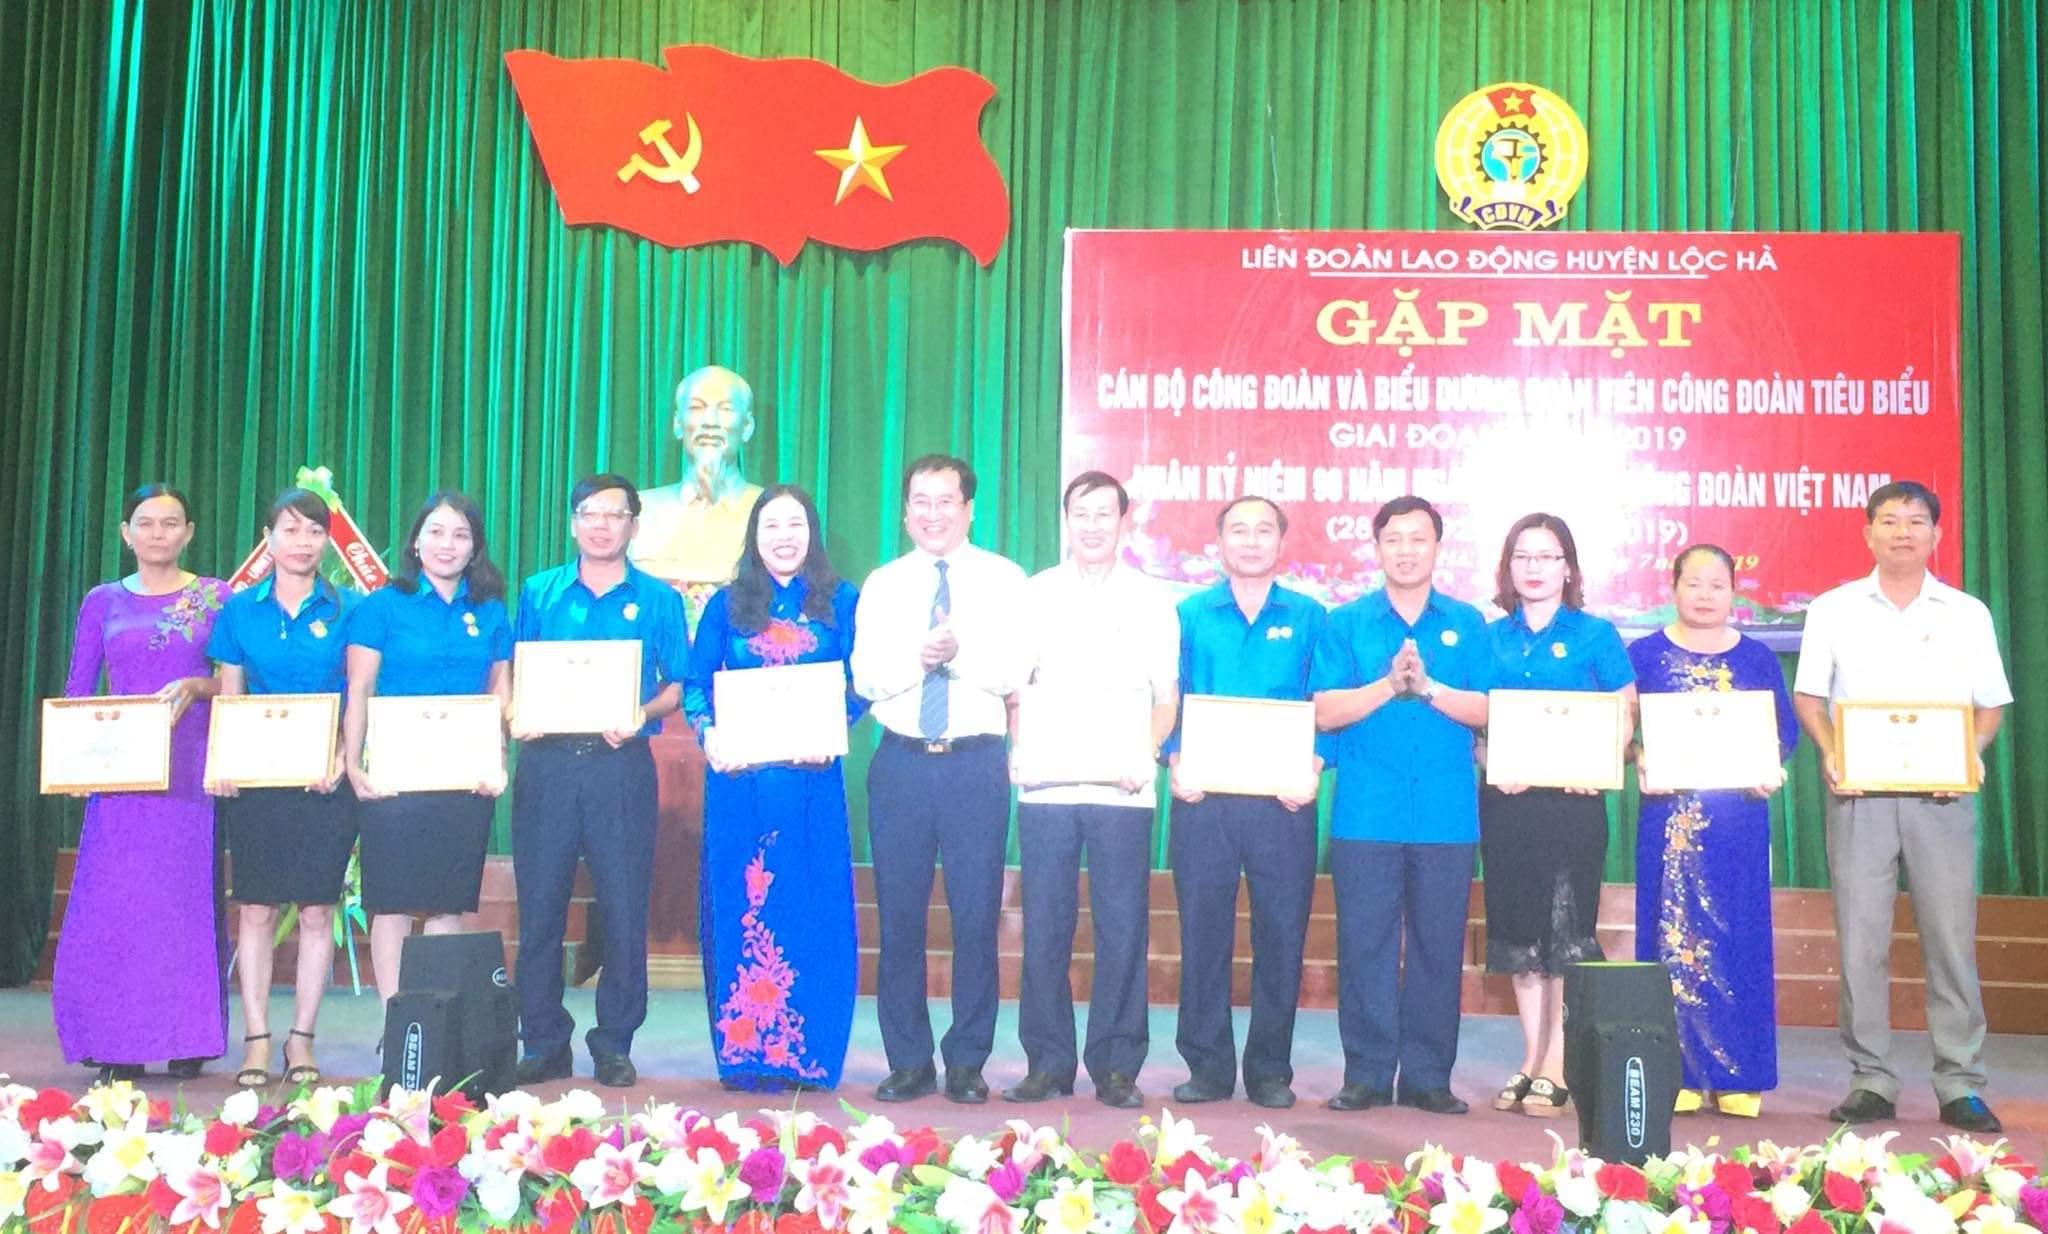 Lộc Hà: Sôi nổi các hoạt động chào mừng kỷ niệm 90 năm Công đoàn Việt Nam